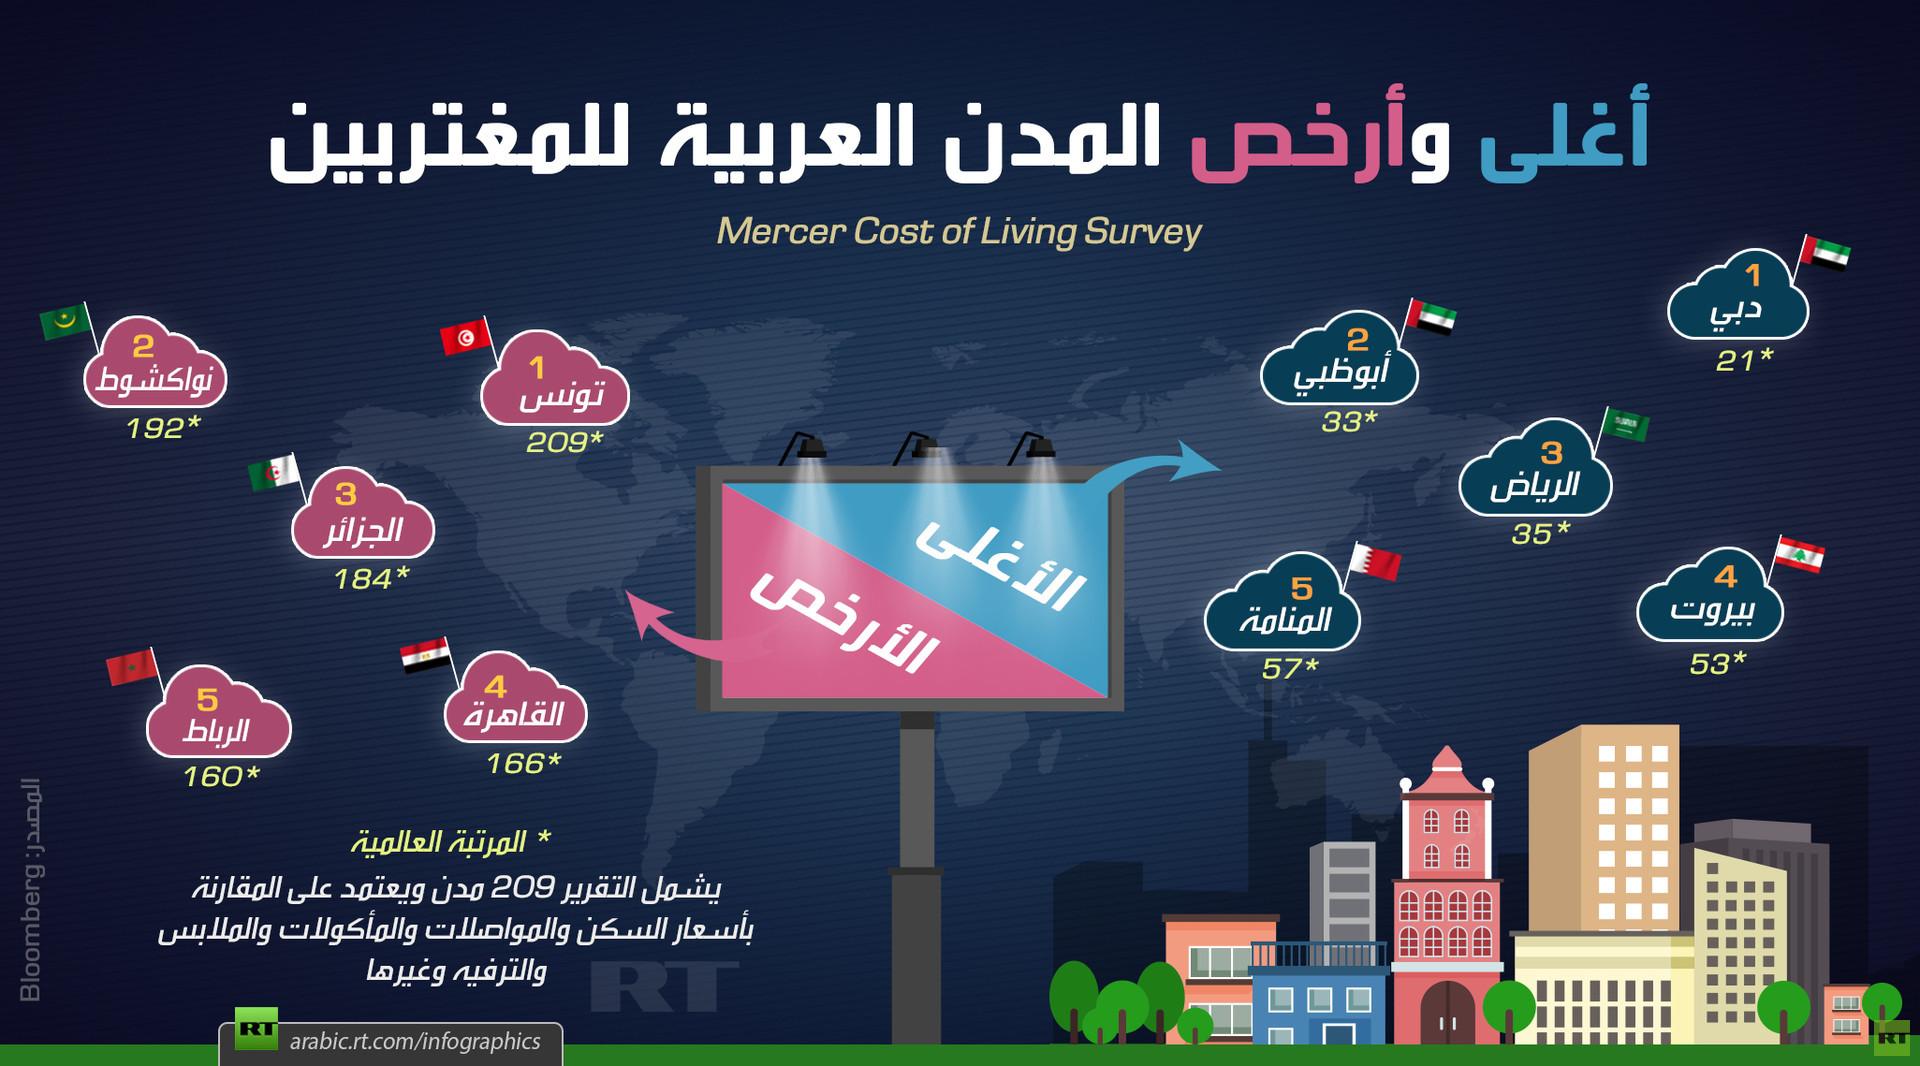 أغلى وأرخص المدن العربية للمغتربين